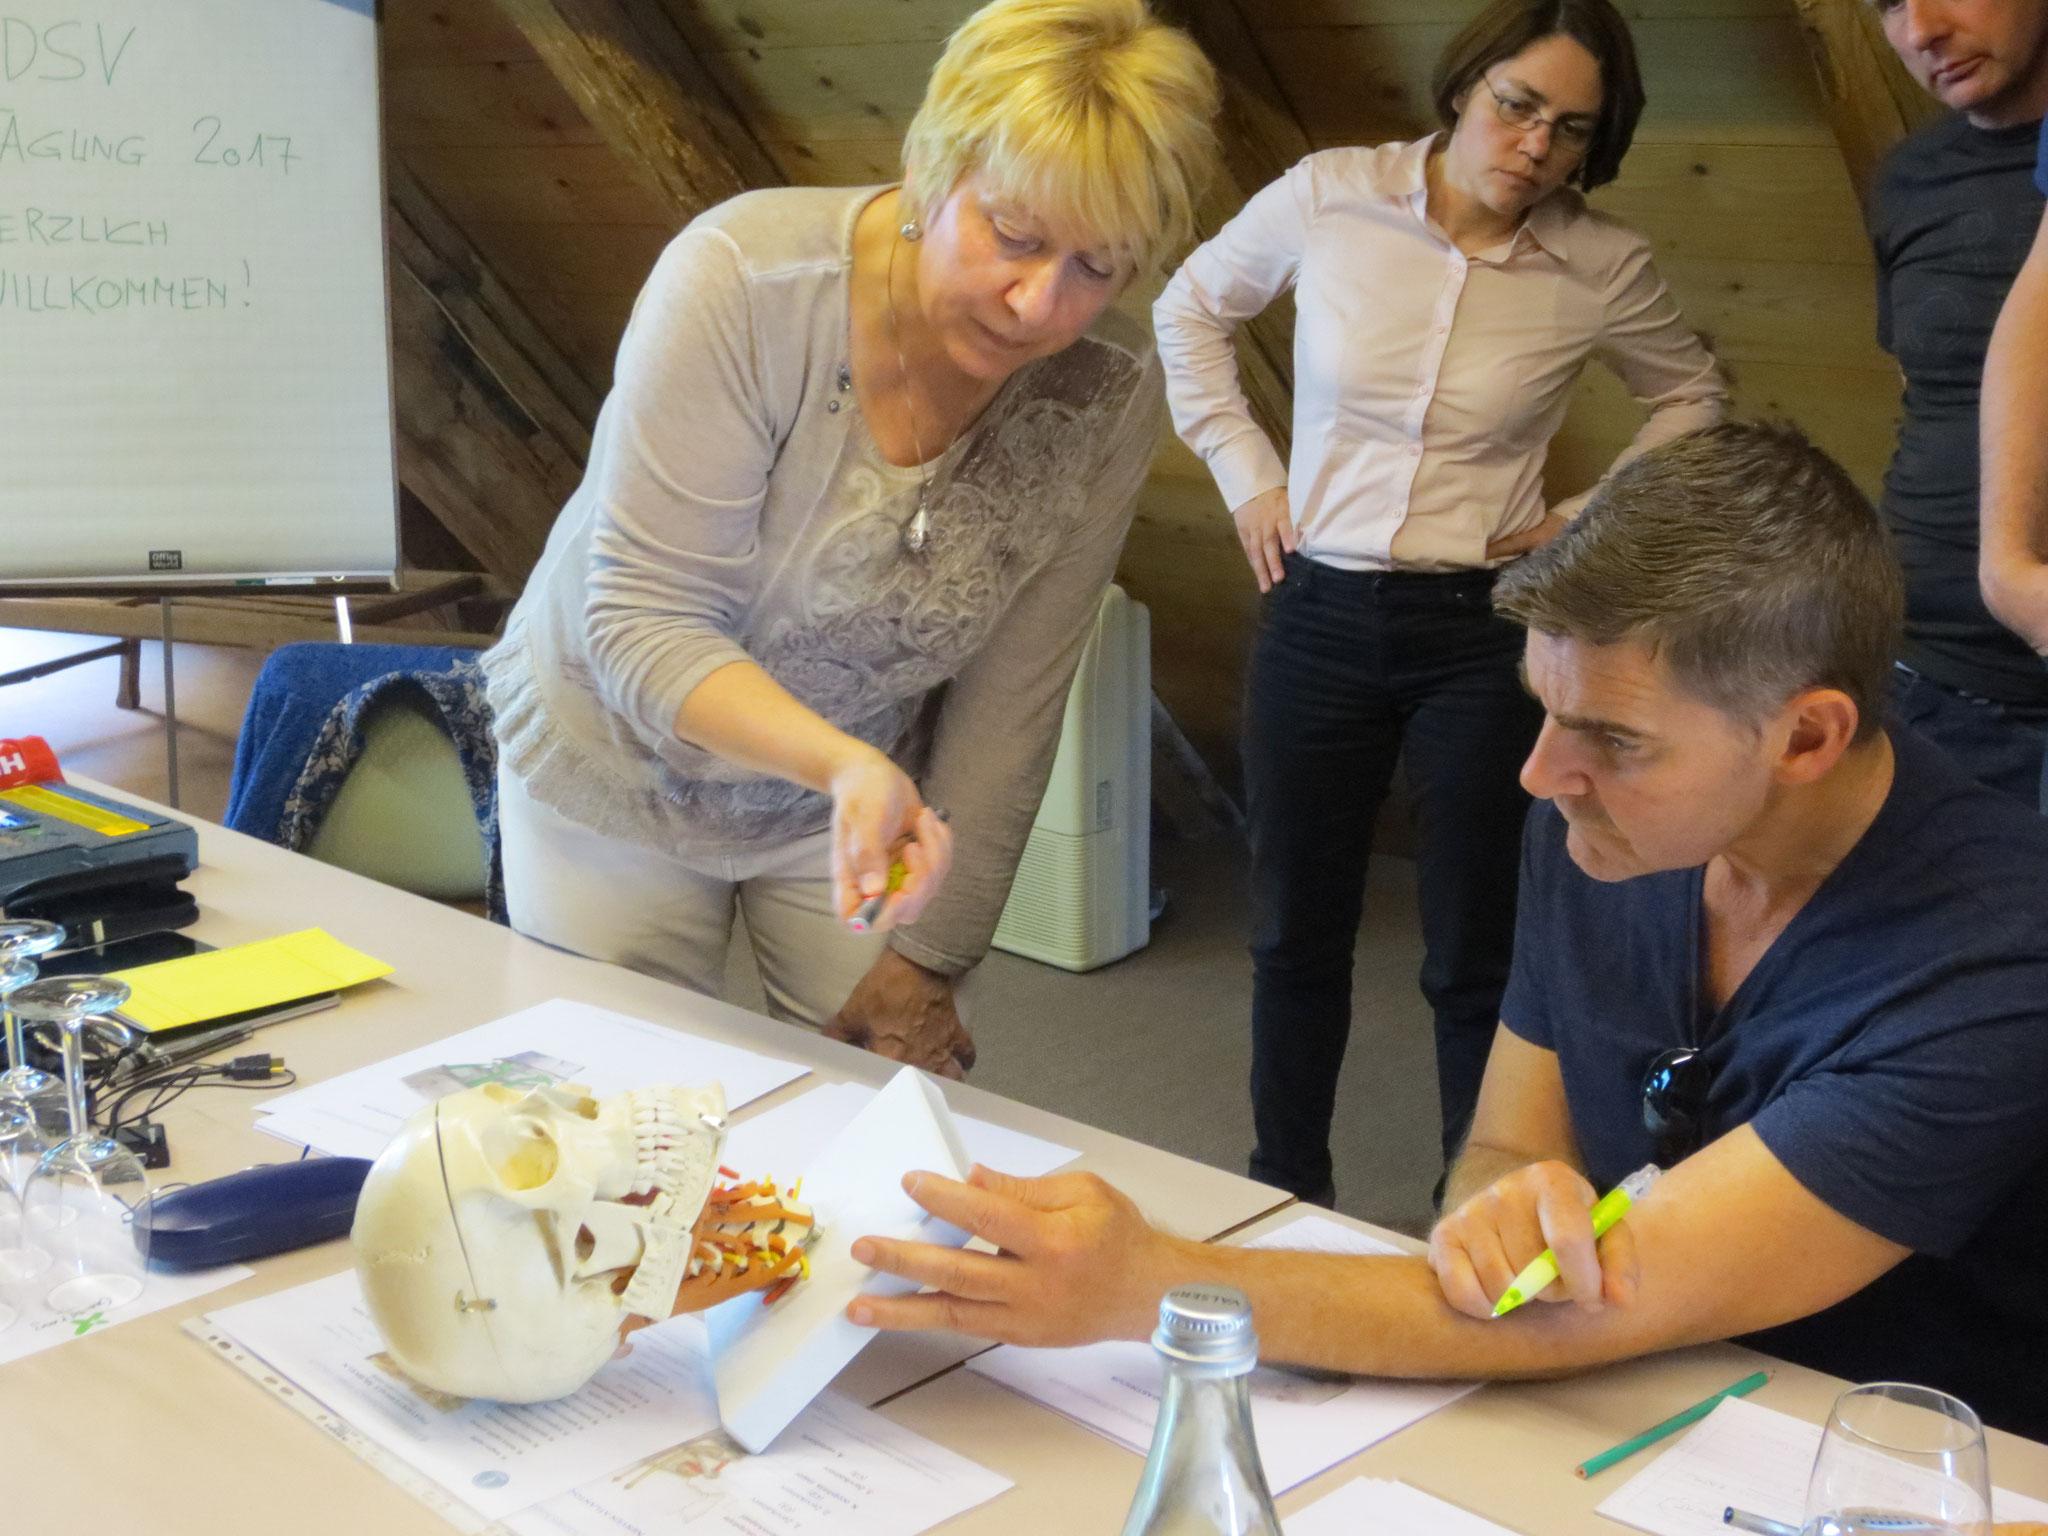 Detailunterricht wie zu Zeiten der Ausbildung an der ESSV; Konzentration bei den Tagungs-Teilnehmenden (v.l.n.r.: ) Bianka Herold, Corrado Oberto und Walter Müller